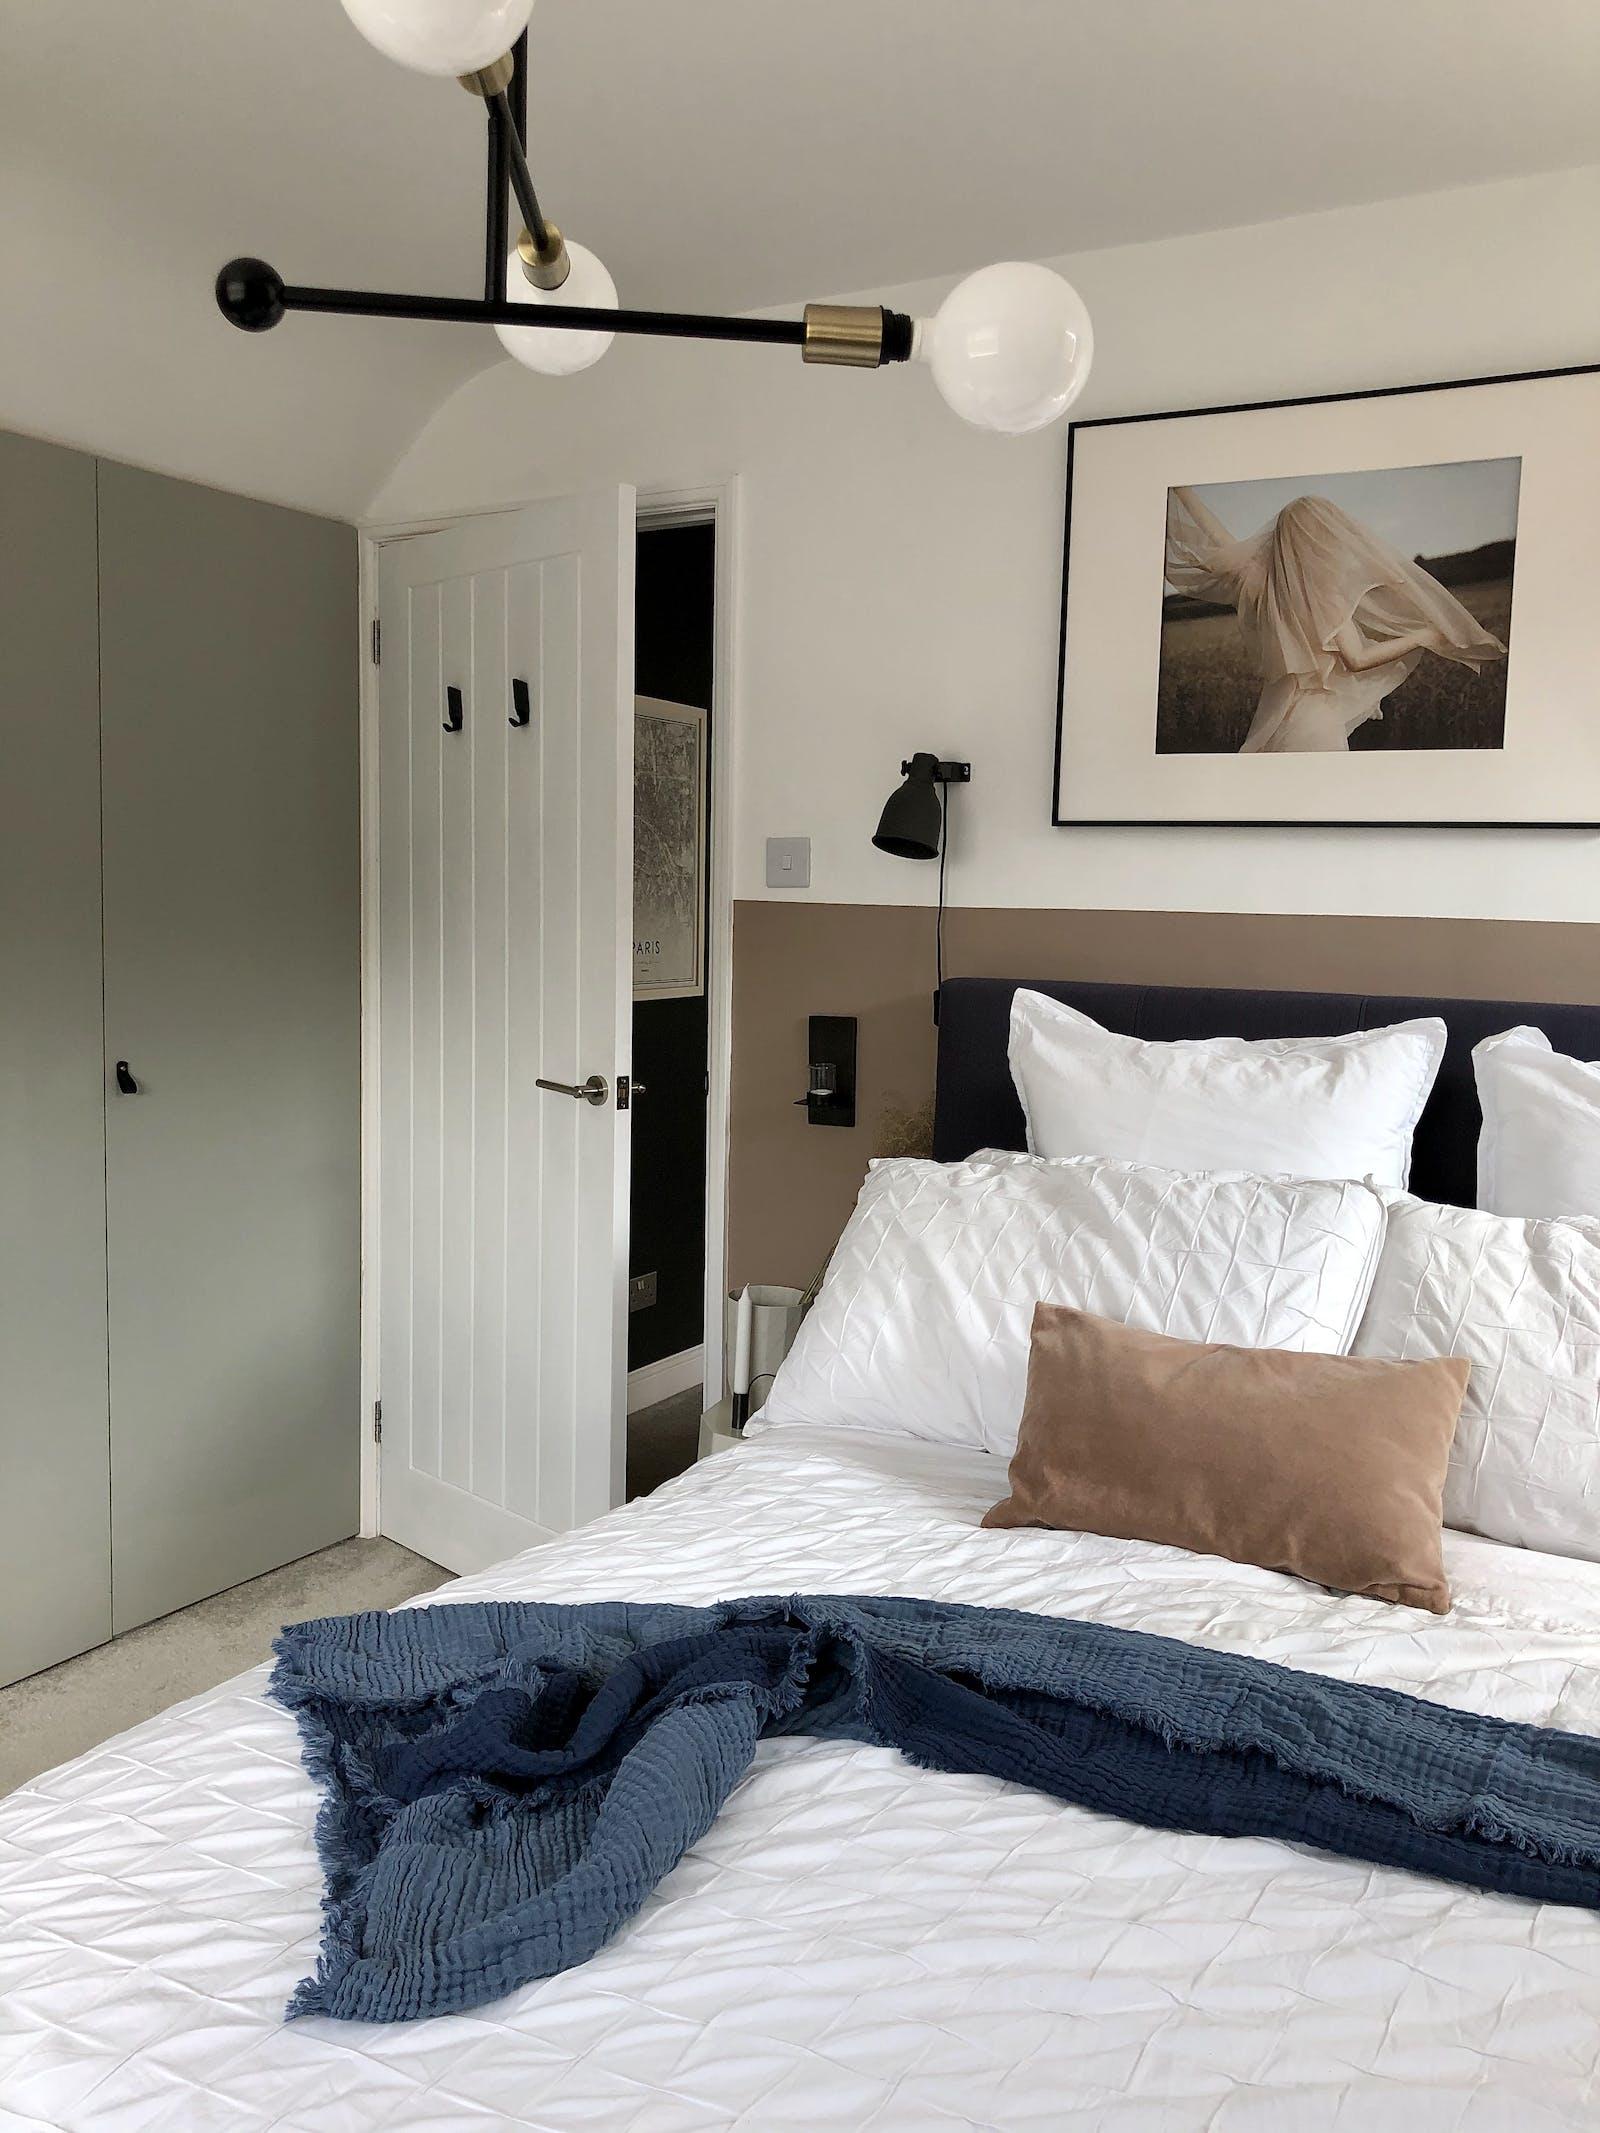 Bedroom with built in grey wardrobe